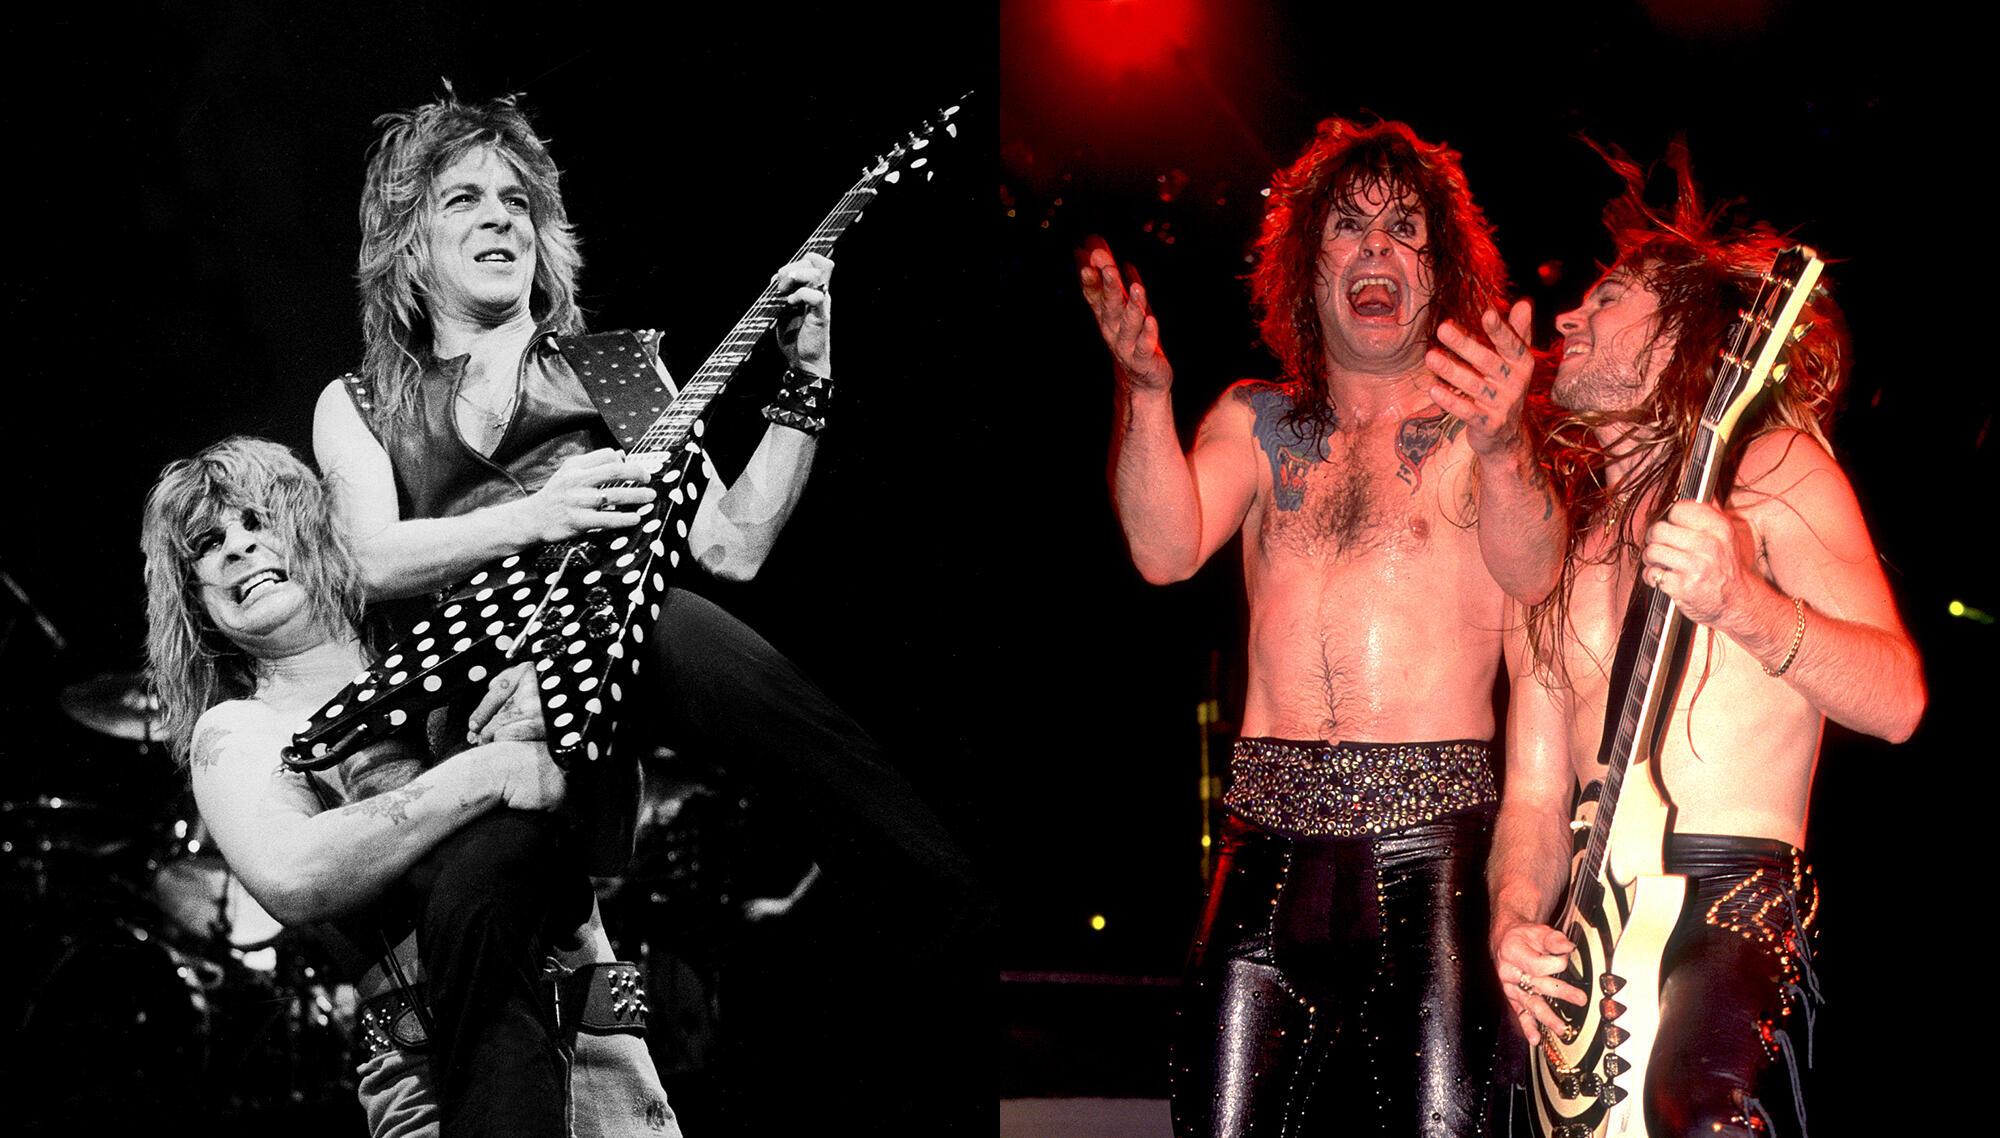 Ozzy Osbourne Compares His Two Best Guitarists: Randy Rhoads, Zakk Wylde